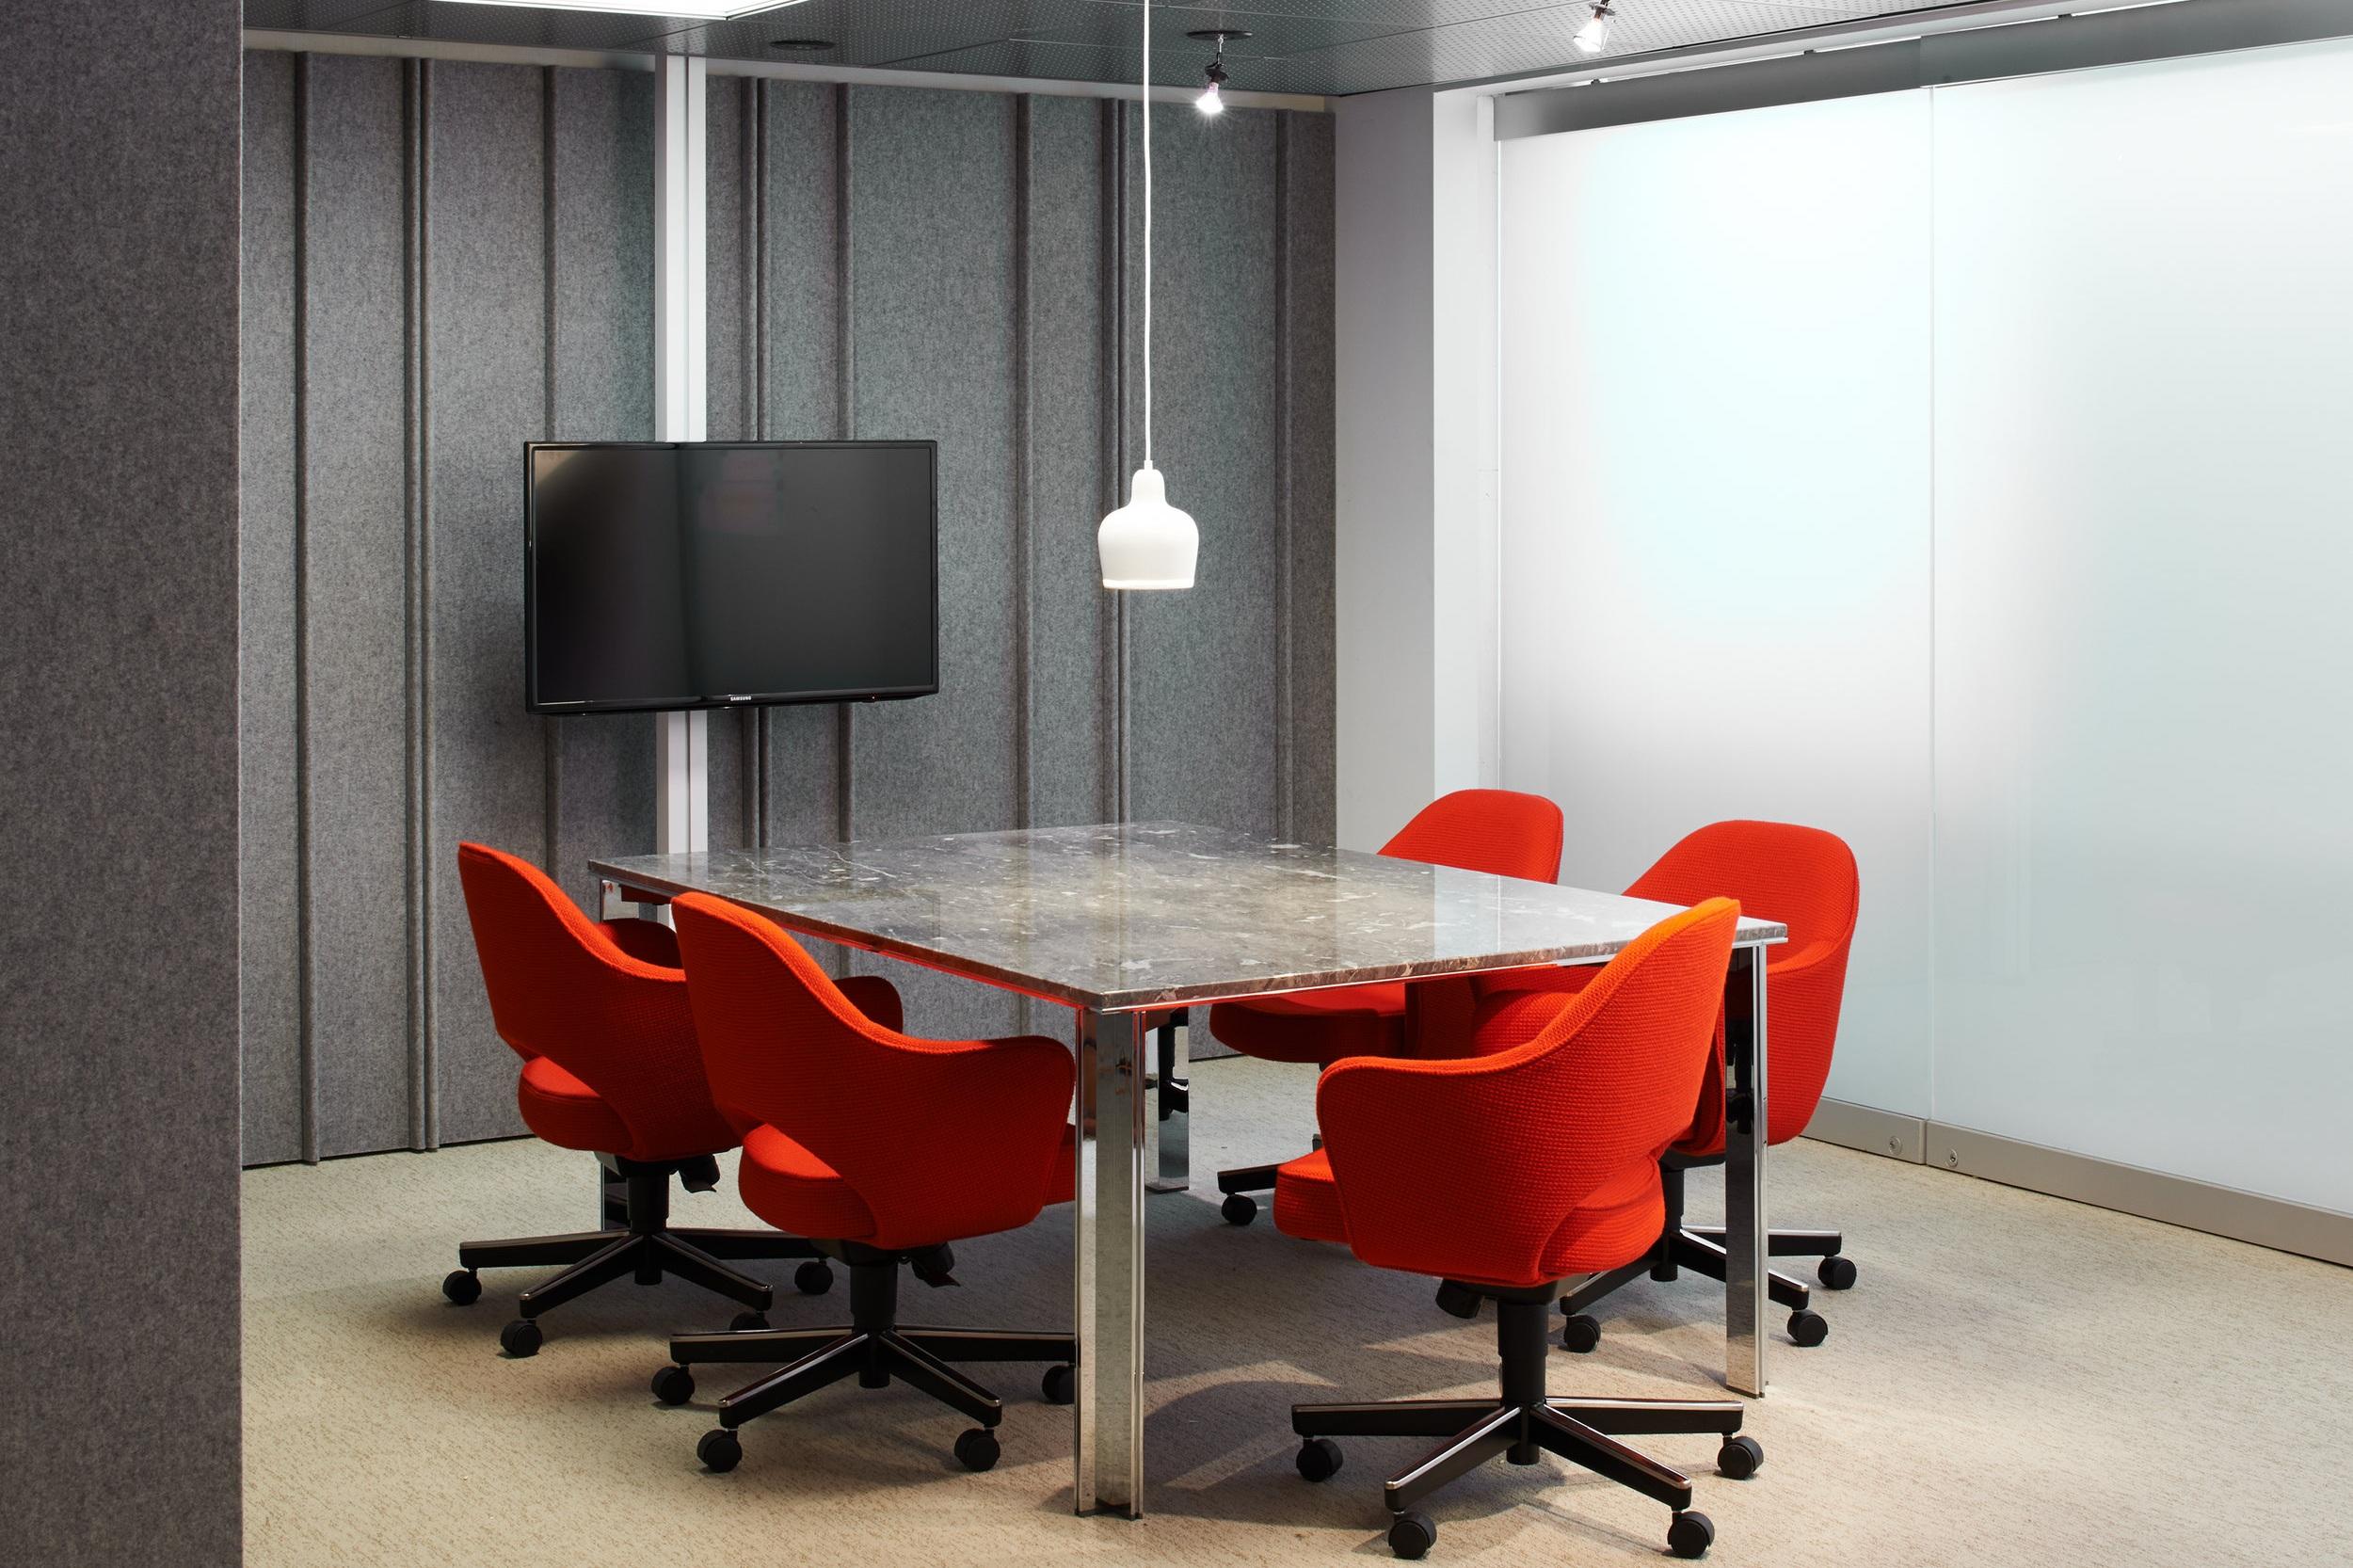 $$$ - Saarinen Advanced Open Back Arm Chair